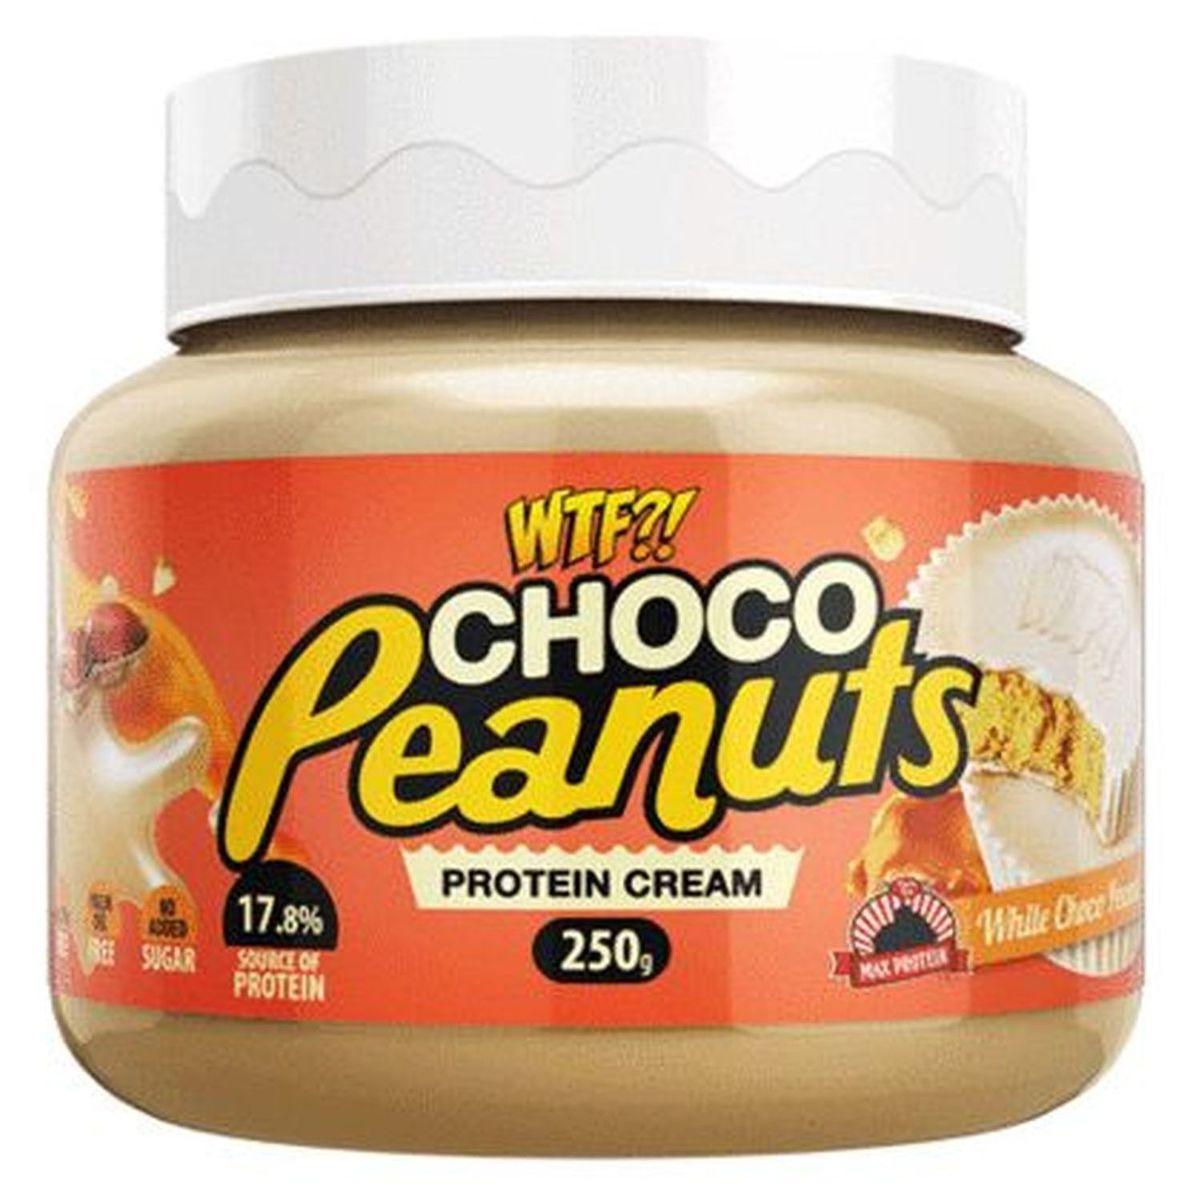 WTF - Choco Peanuts - 250g